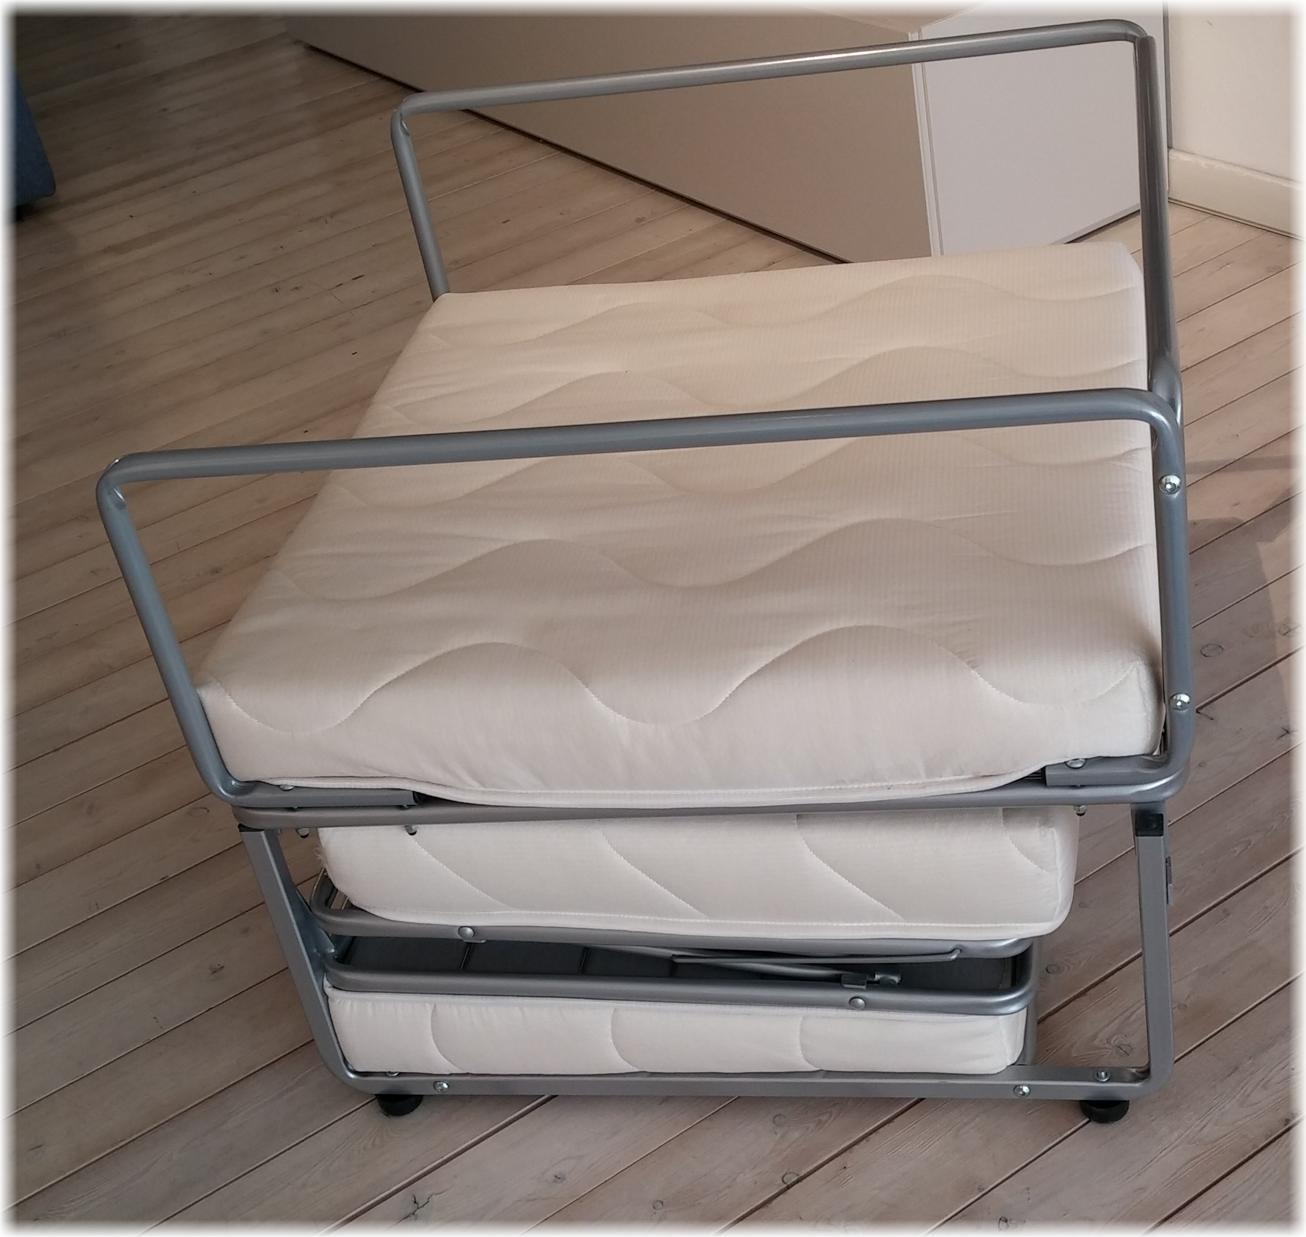 Promozione poltrona letto sfoderabile scontata del 40 - Poltrona letto prezzo ...